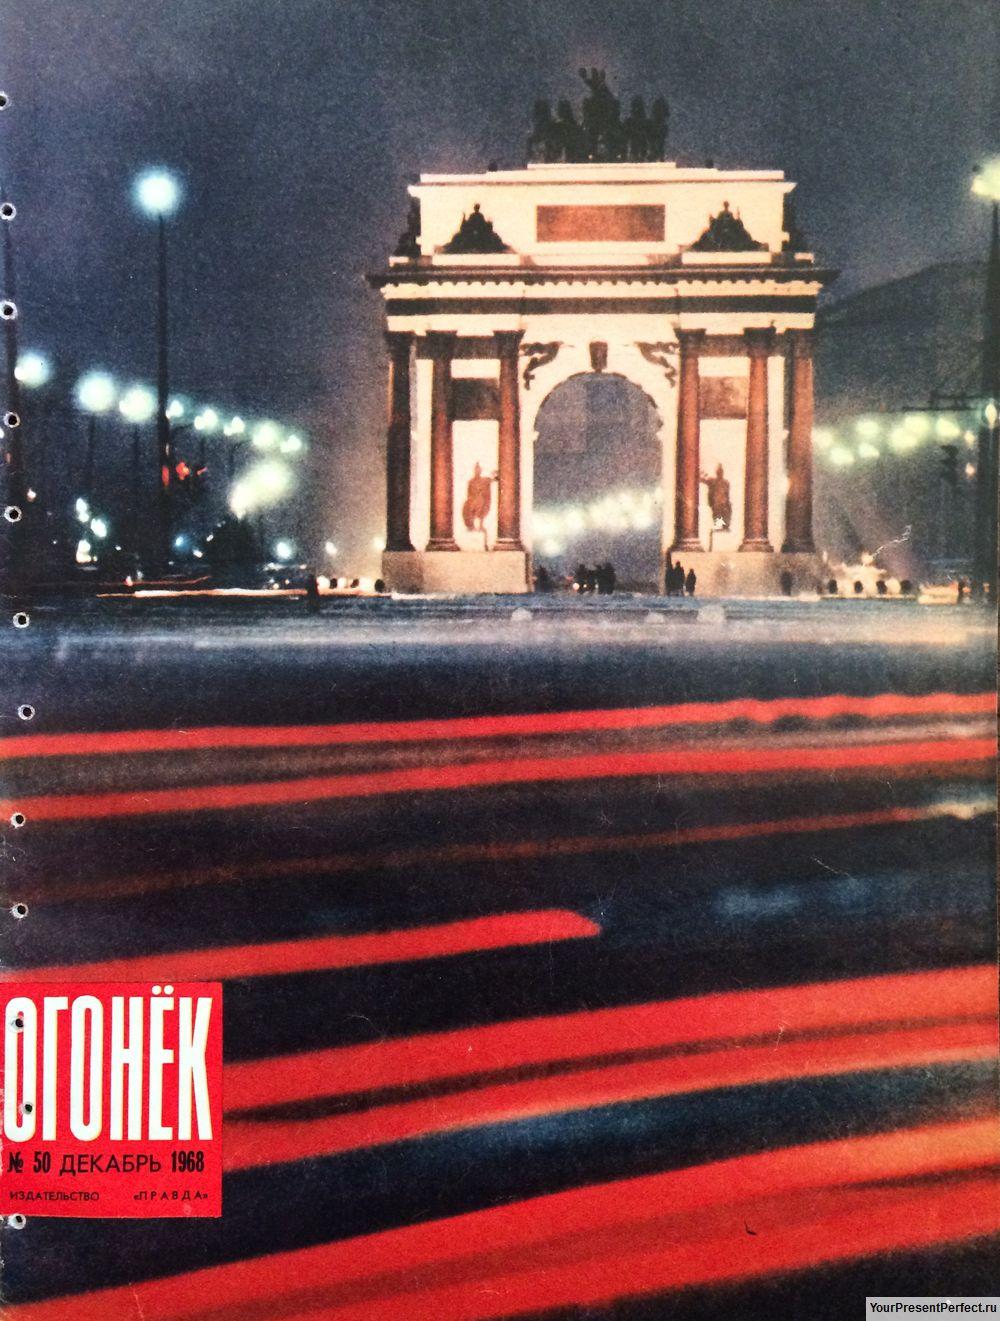 Журнал Огонек №50 декабрь 1968